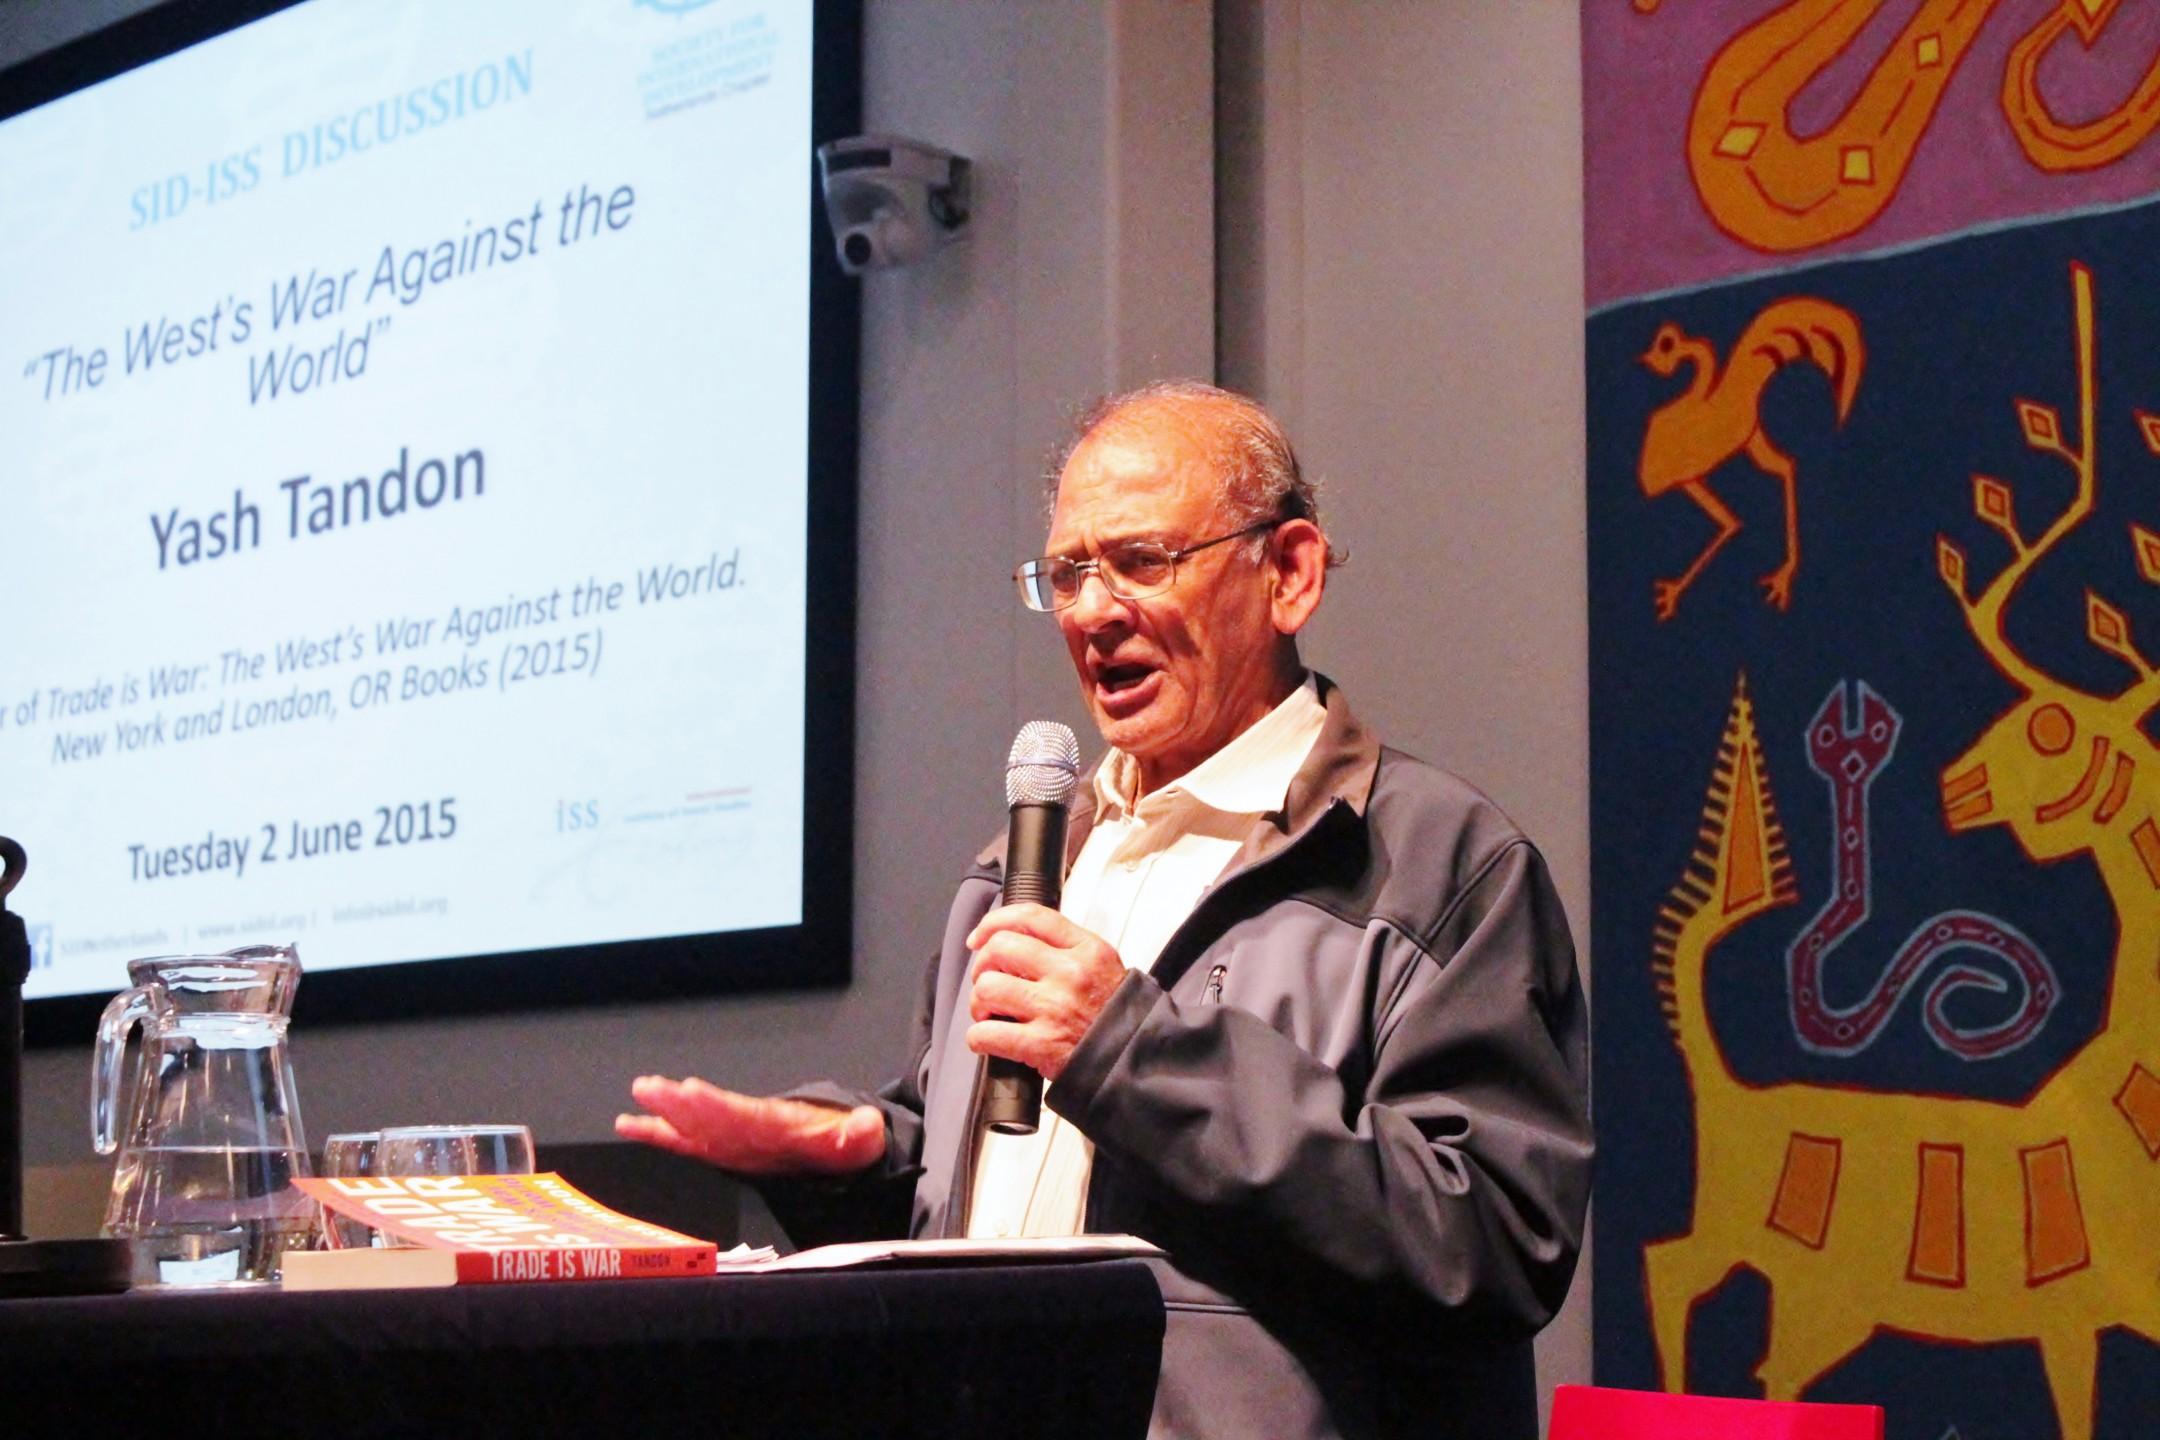 Yash Tandon bij SID in Den Haag